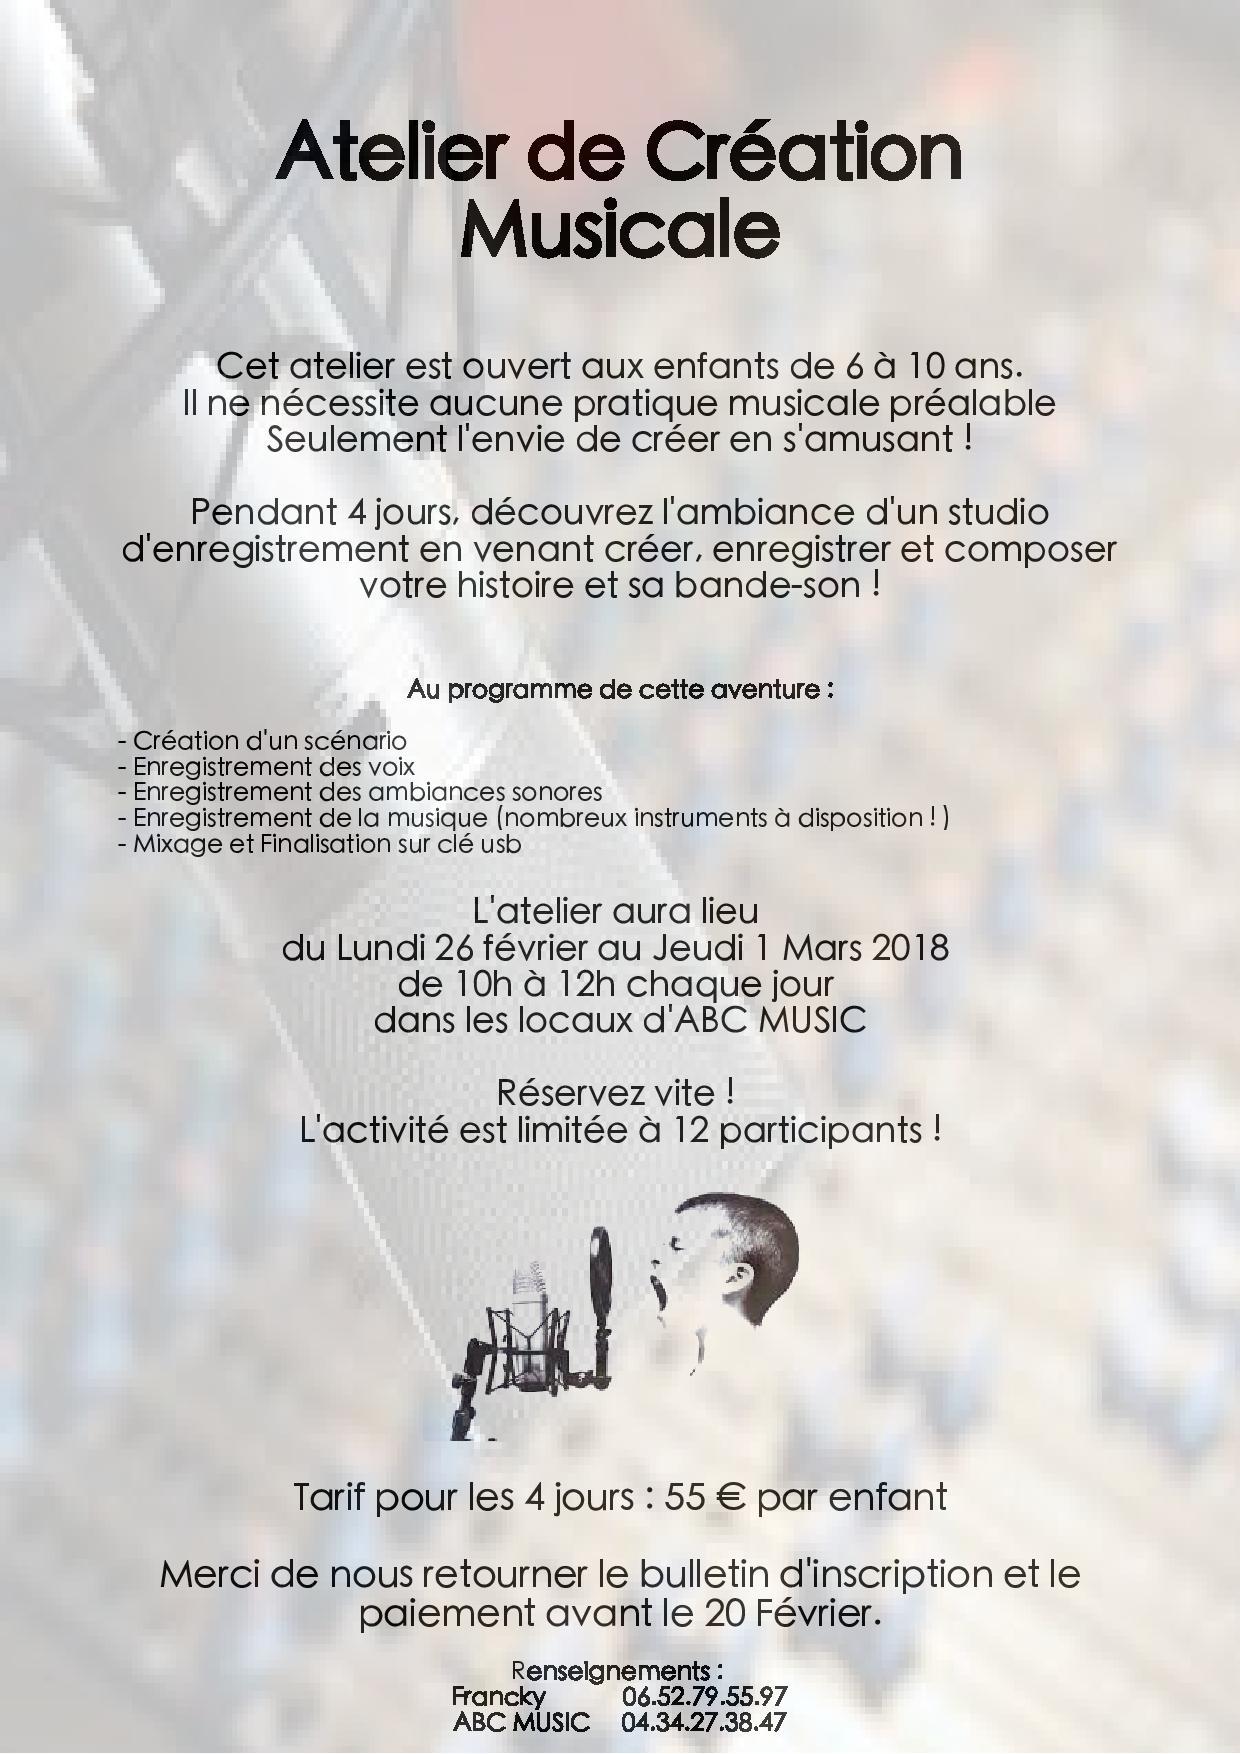 Atelier de Création Musicale éveil musical à Narbonne